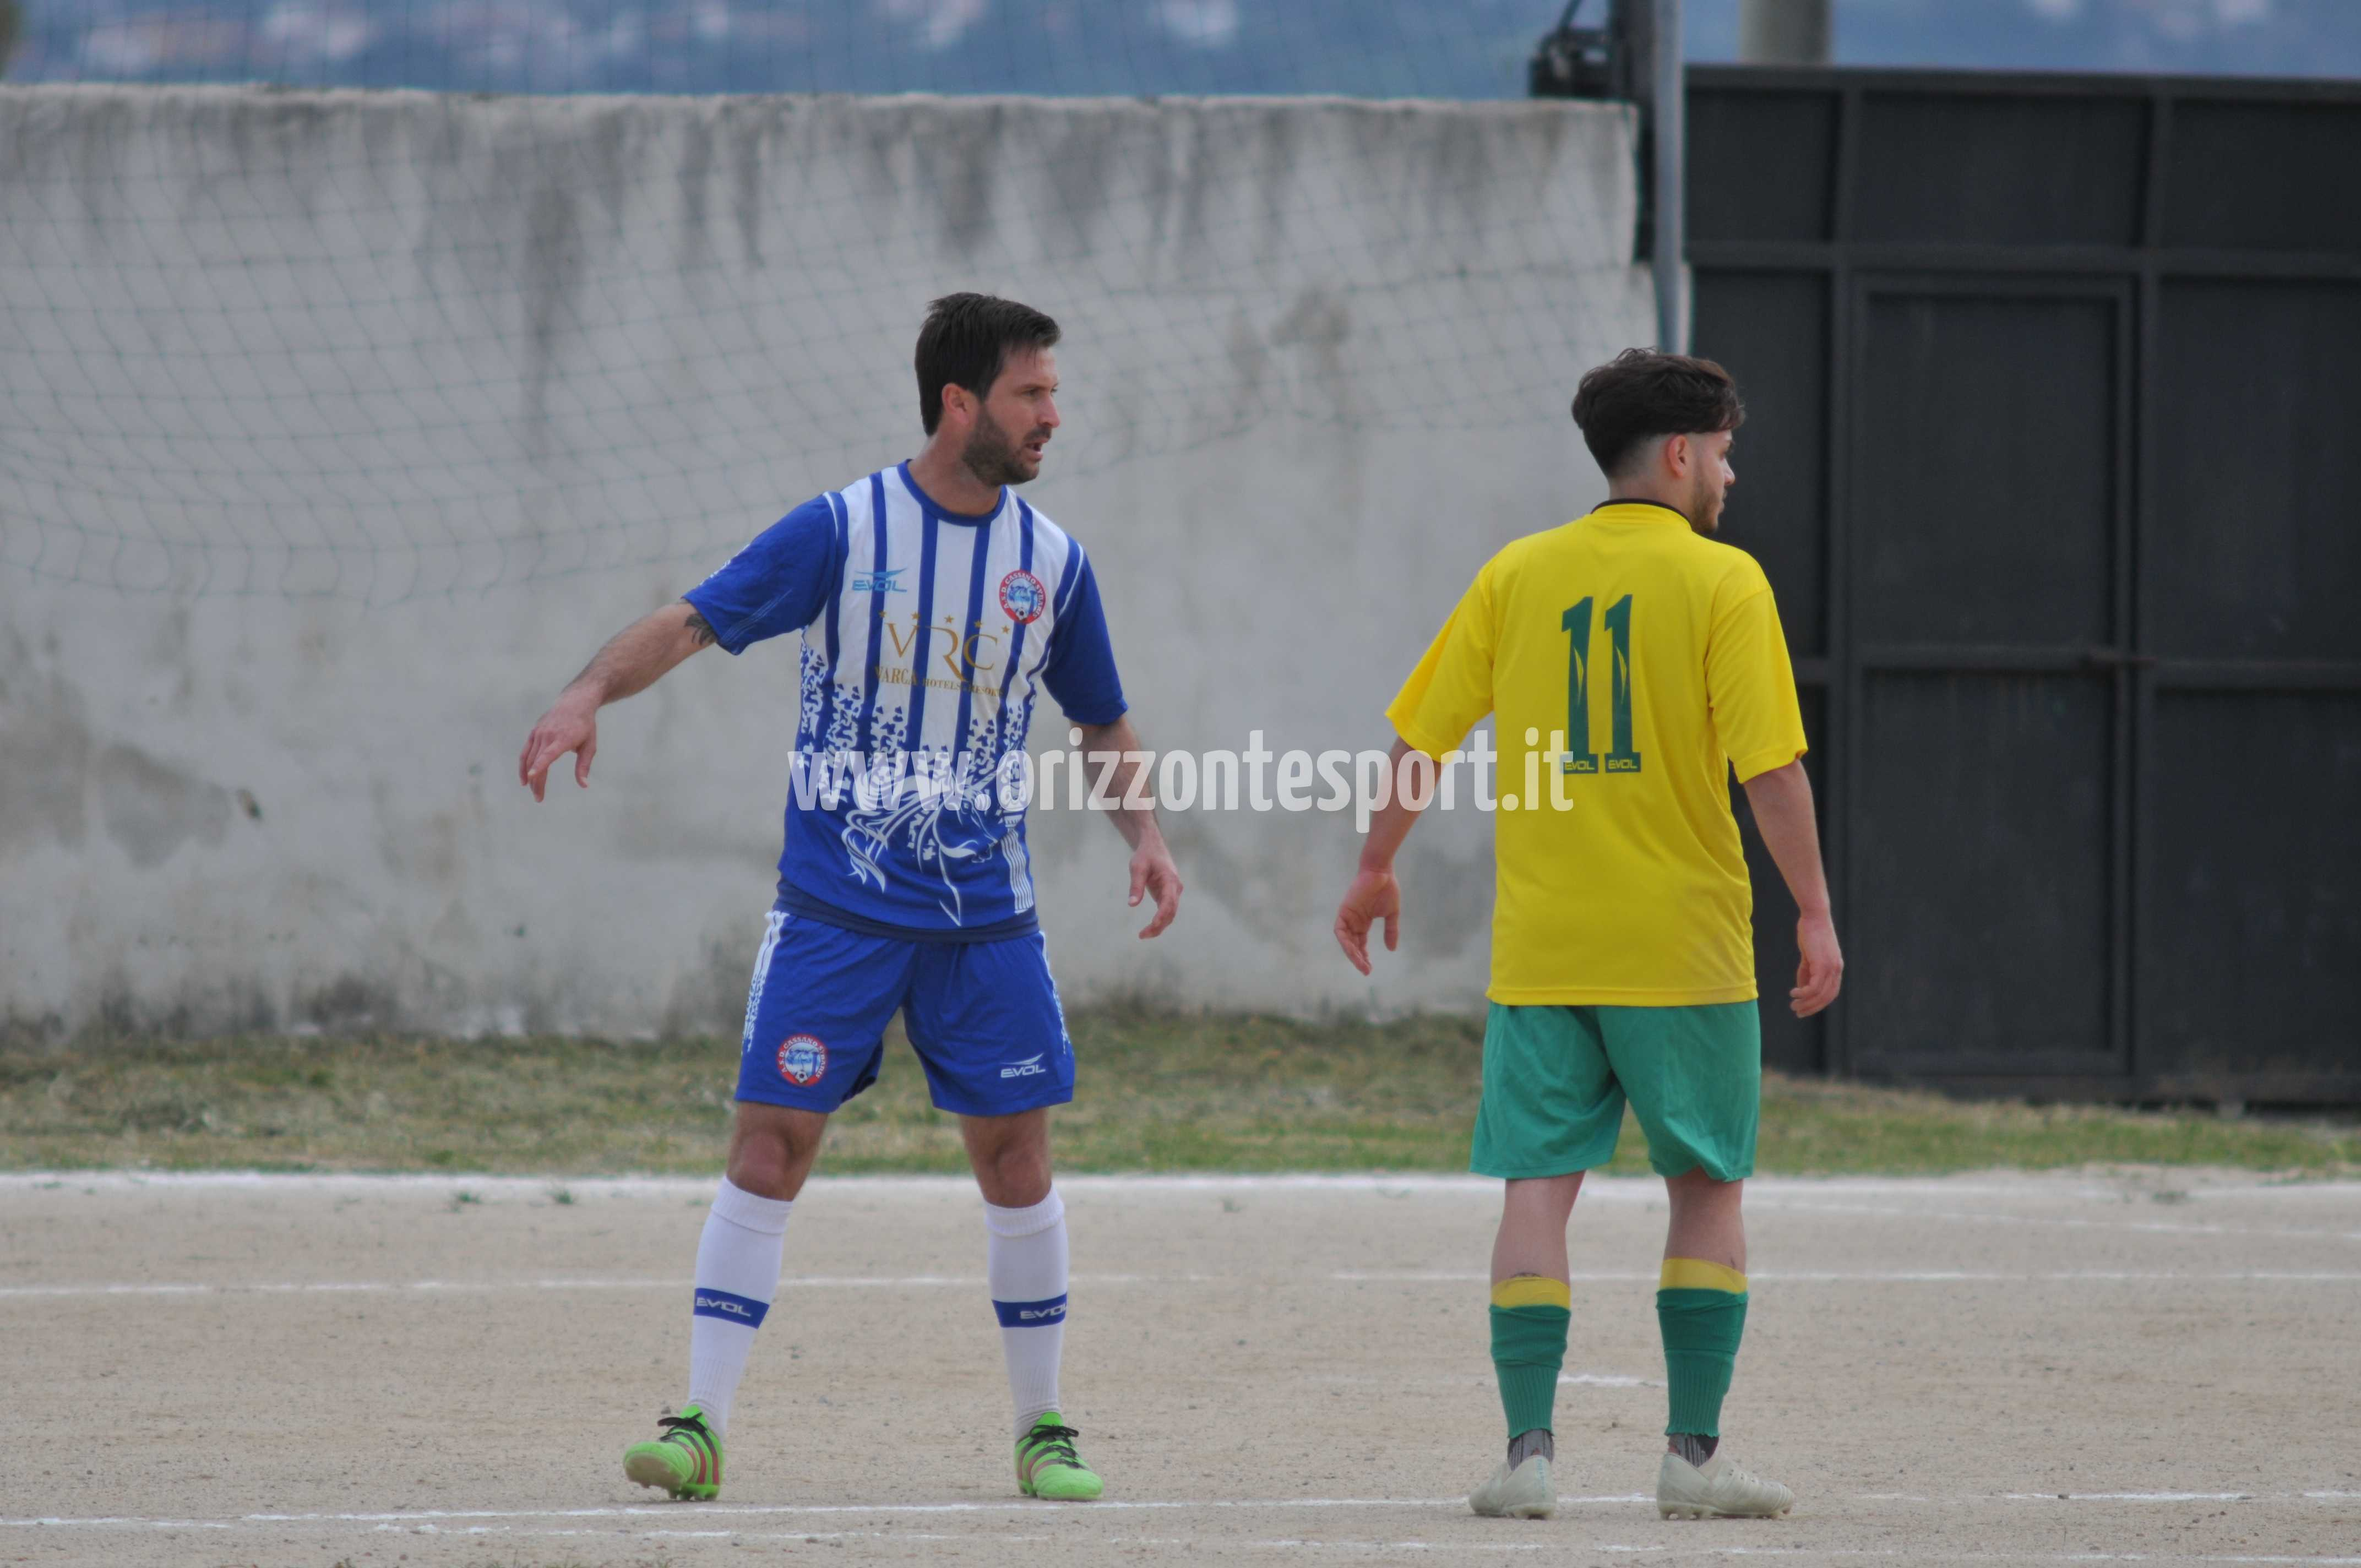 roggiano_cassano (40)